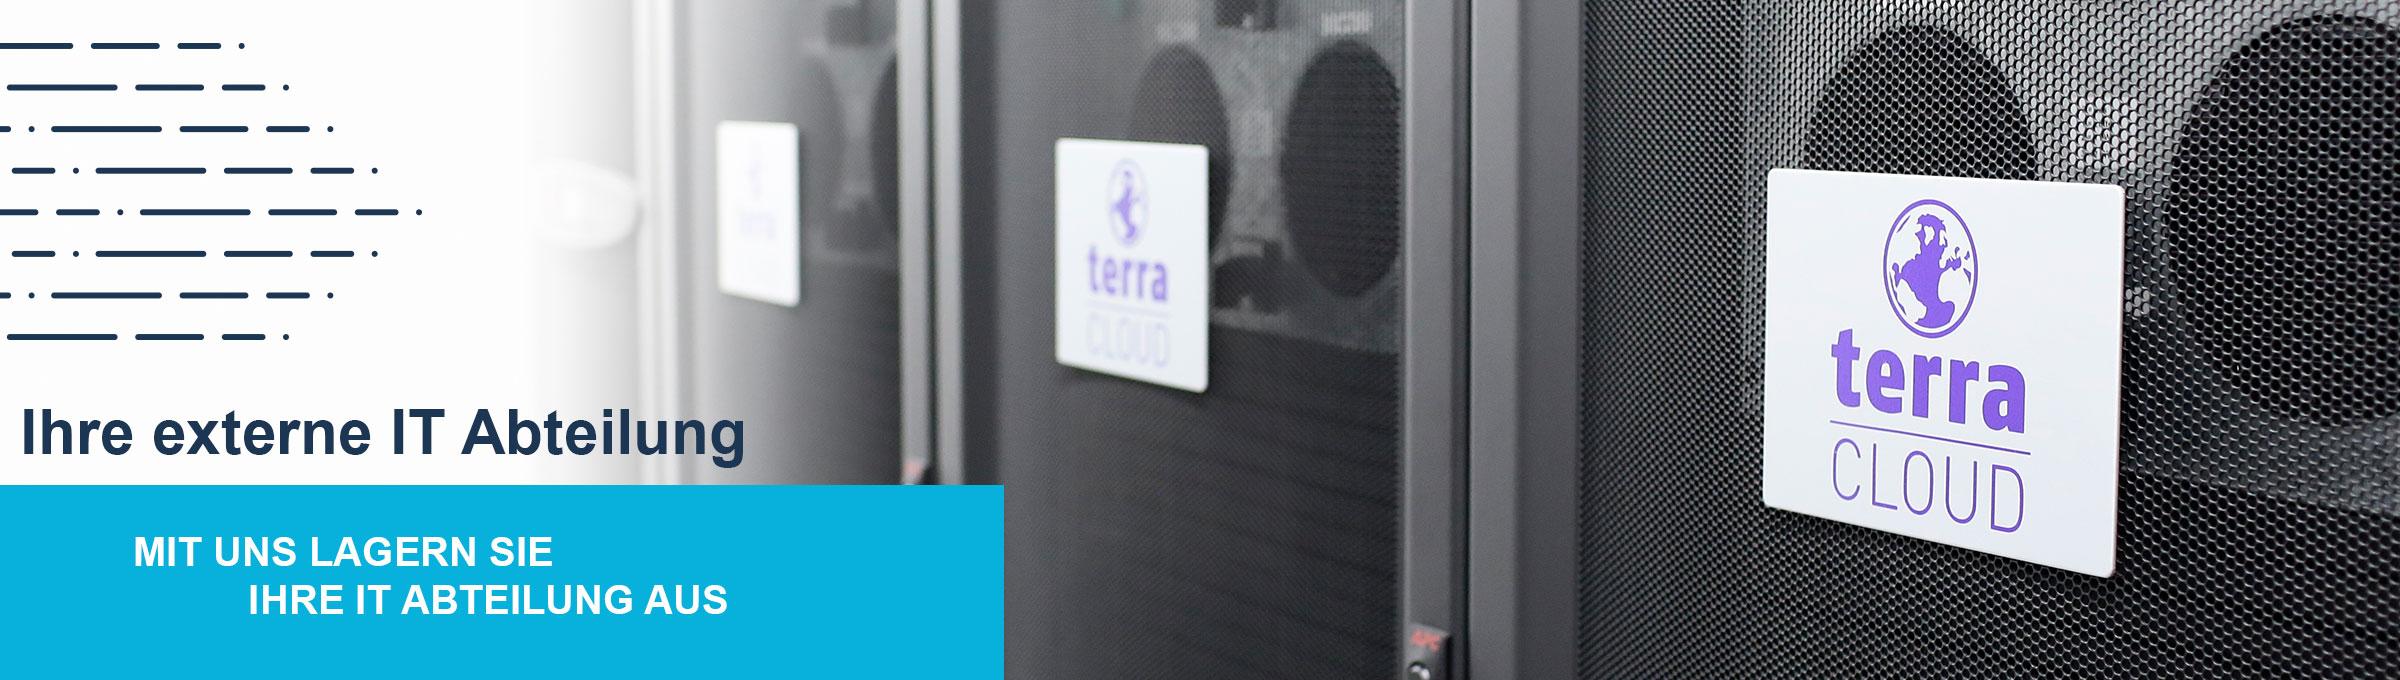 ITSON GmbH - Ihre externe IT-Abteilung